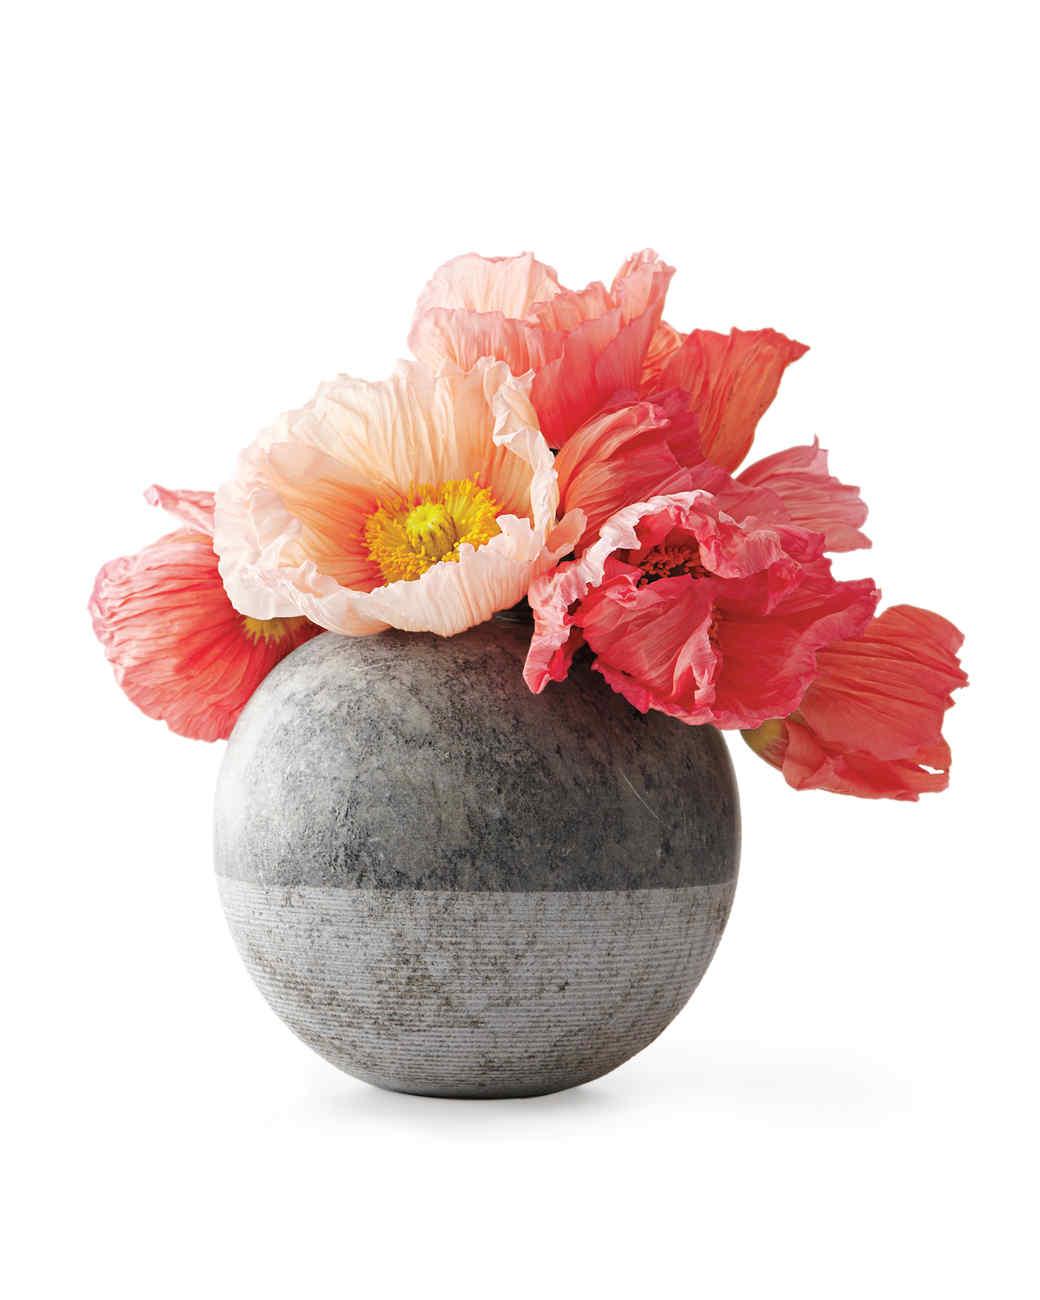 flowers-vase-mld108797.jpg